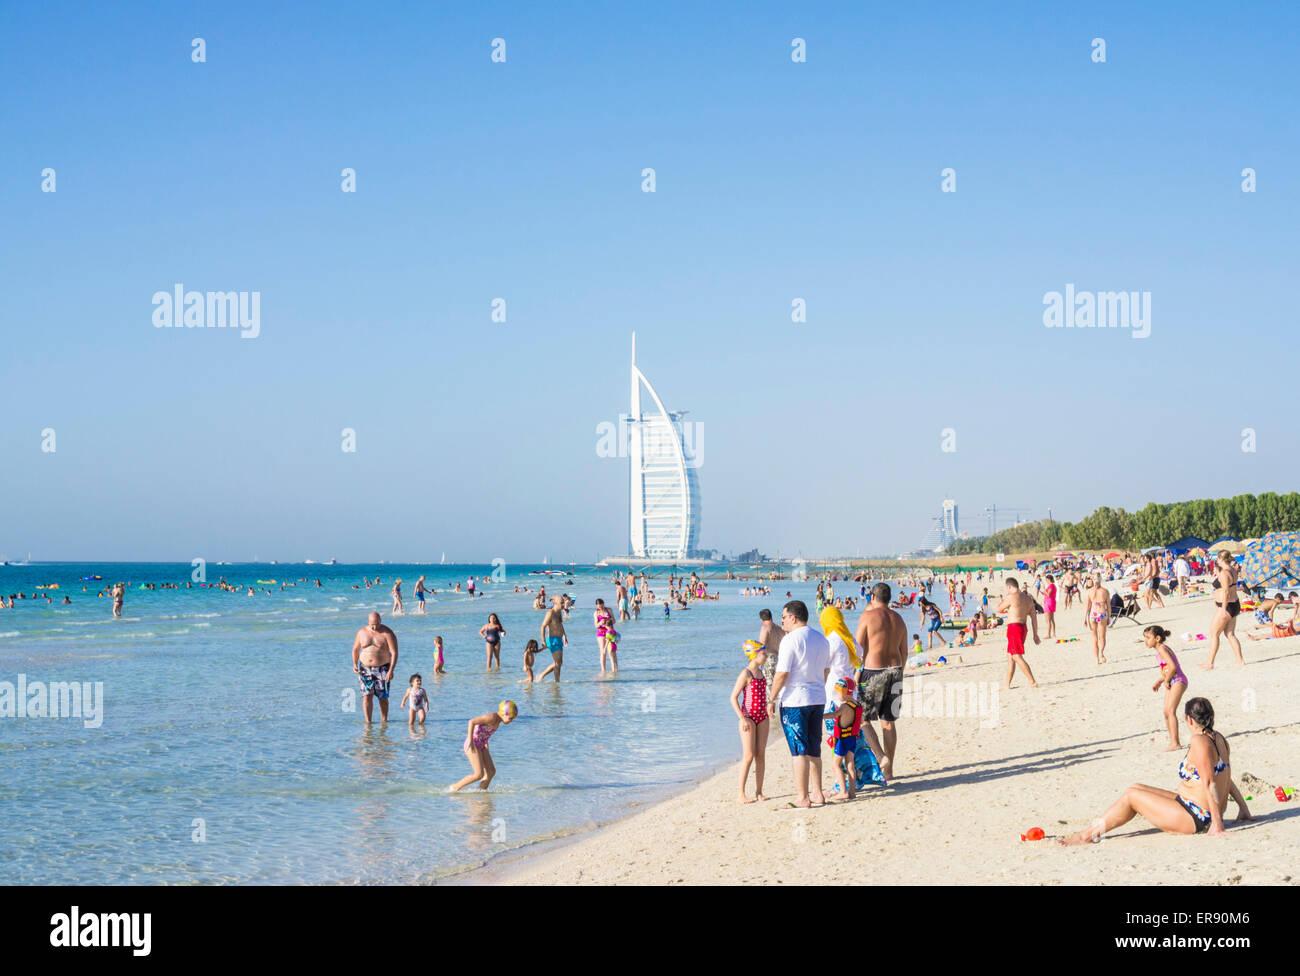 holidaymakers on the public dubai beach near the burj al arab